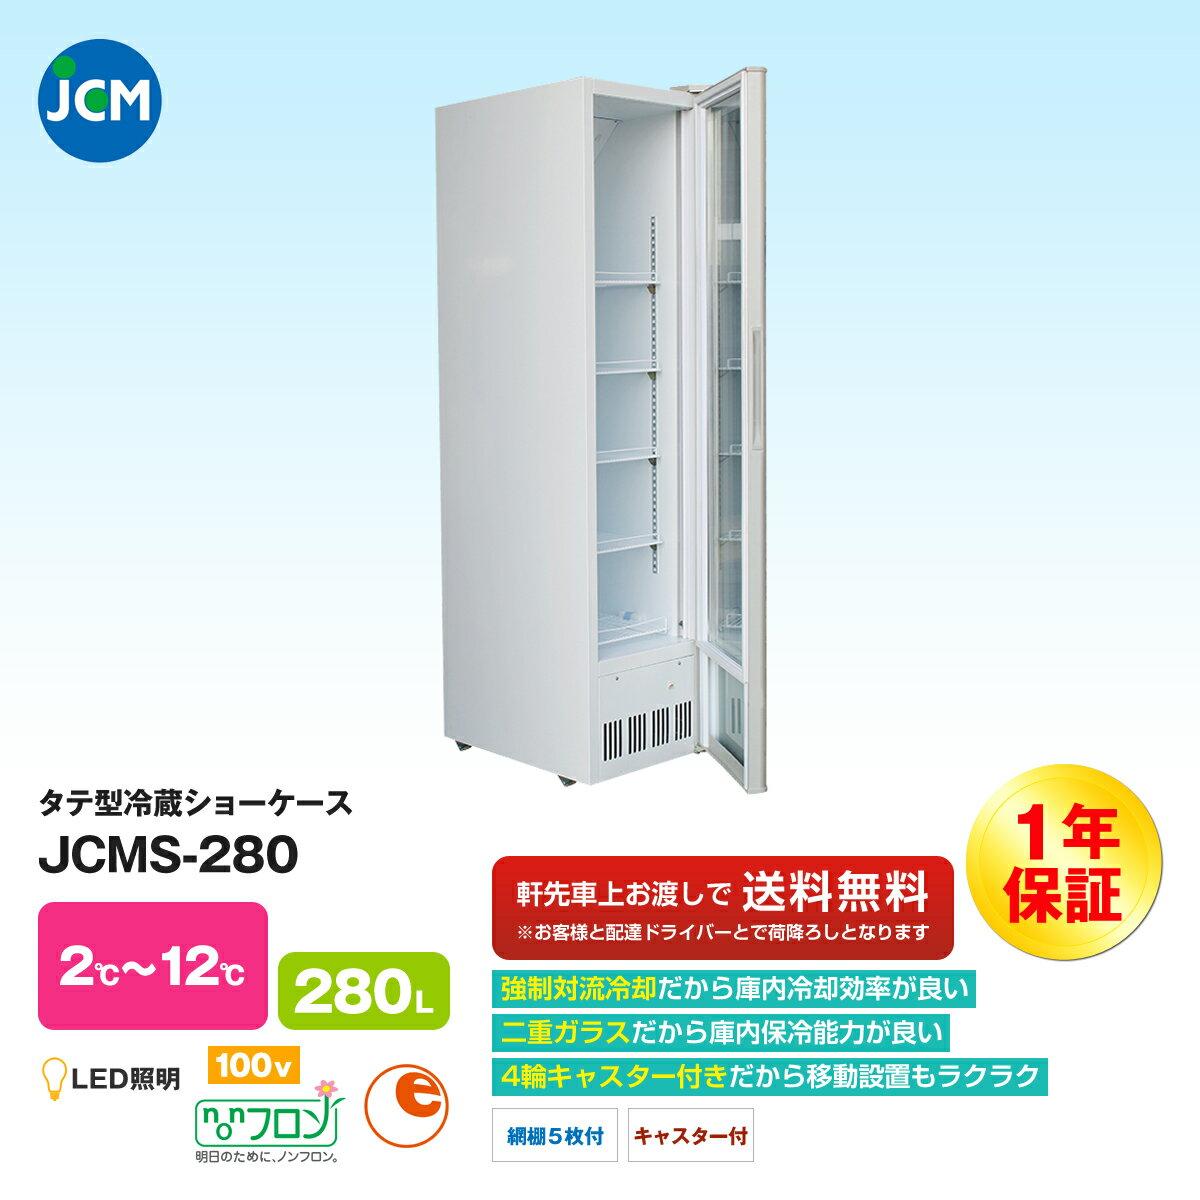 【エントリーでポイント最大10倍】JCM社製 業務用 保冷庫 冷蔵庫 280L タテ型 冷蔵 ショーケース (両面扉) JCMS-280 新品